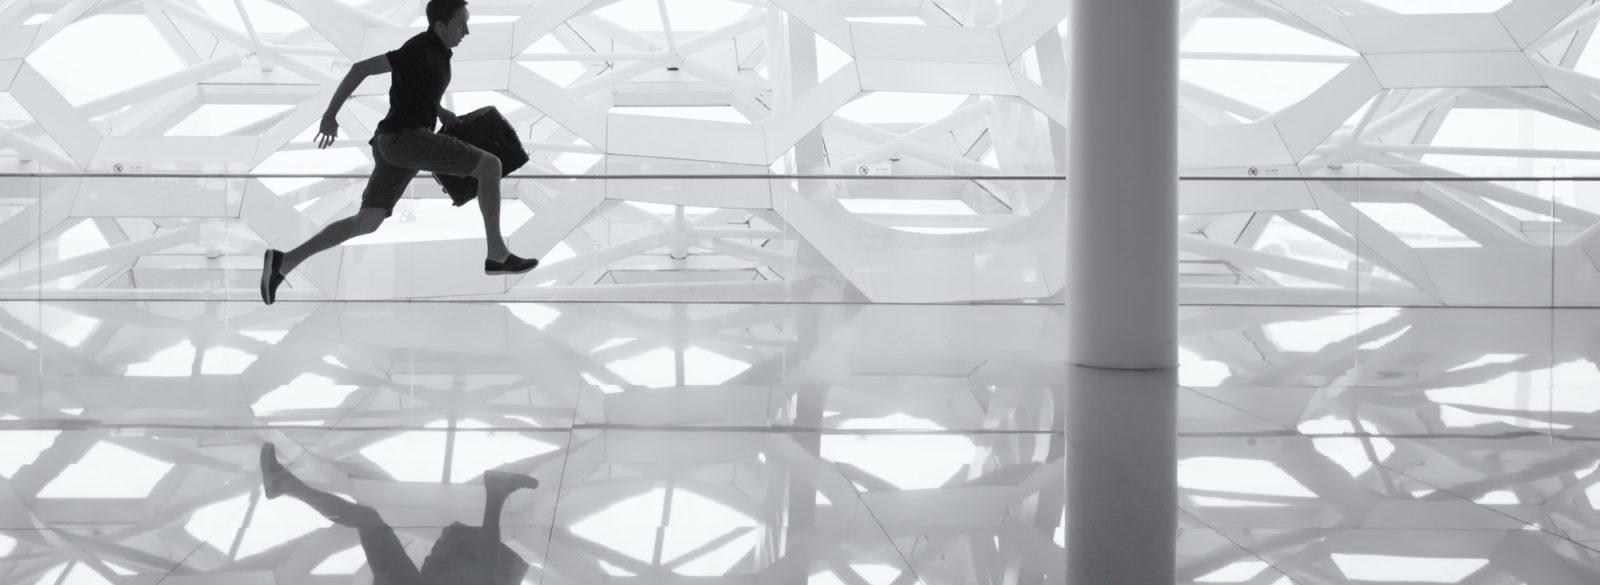 Photo en noir et blanc d'un homme courant de gauche à droite dans un décor géometrique aux nombreux reflets.